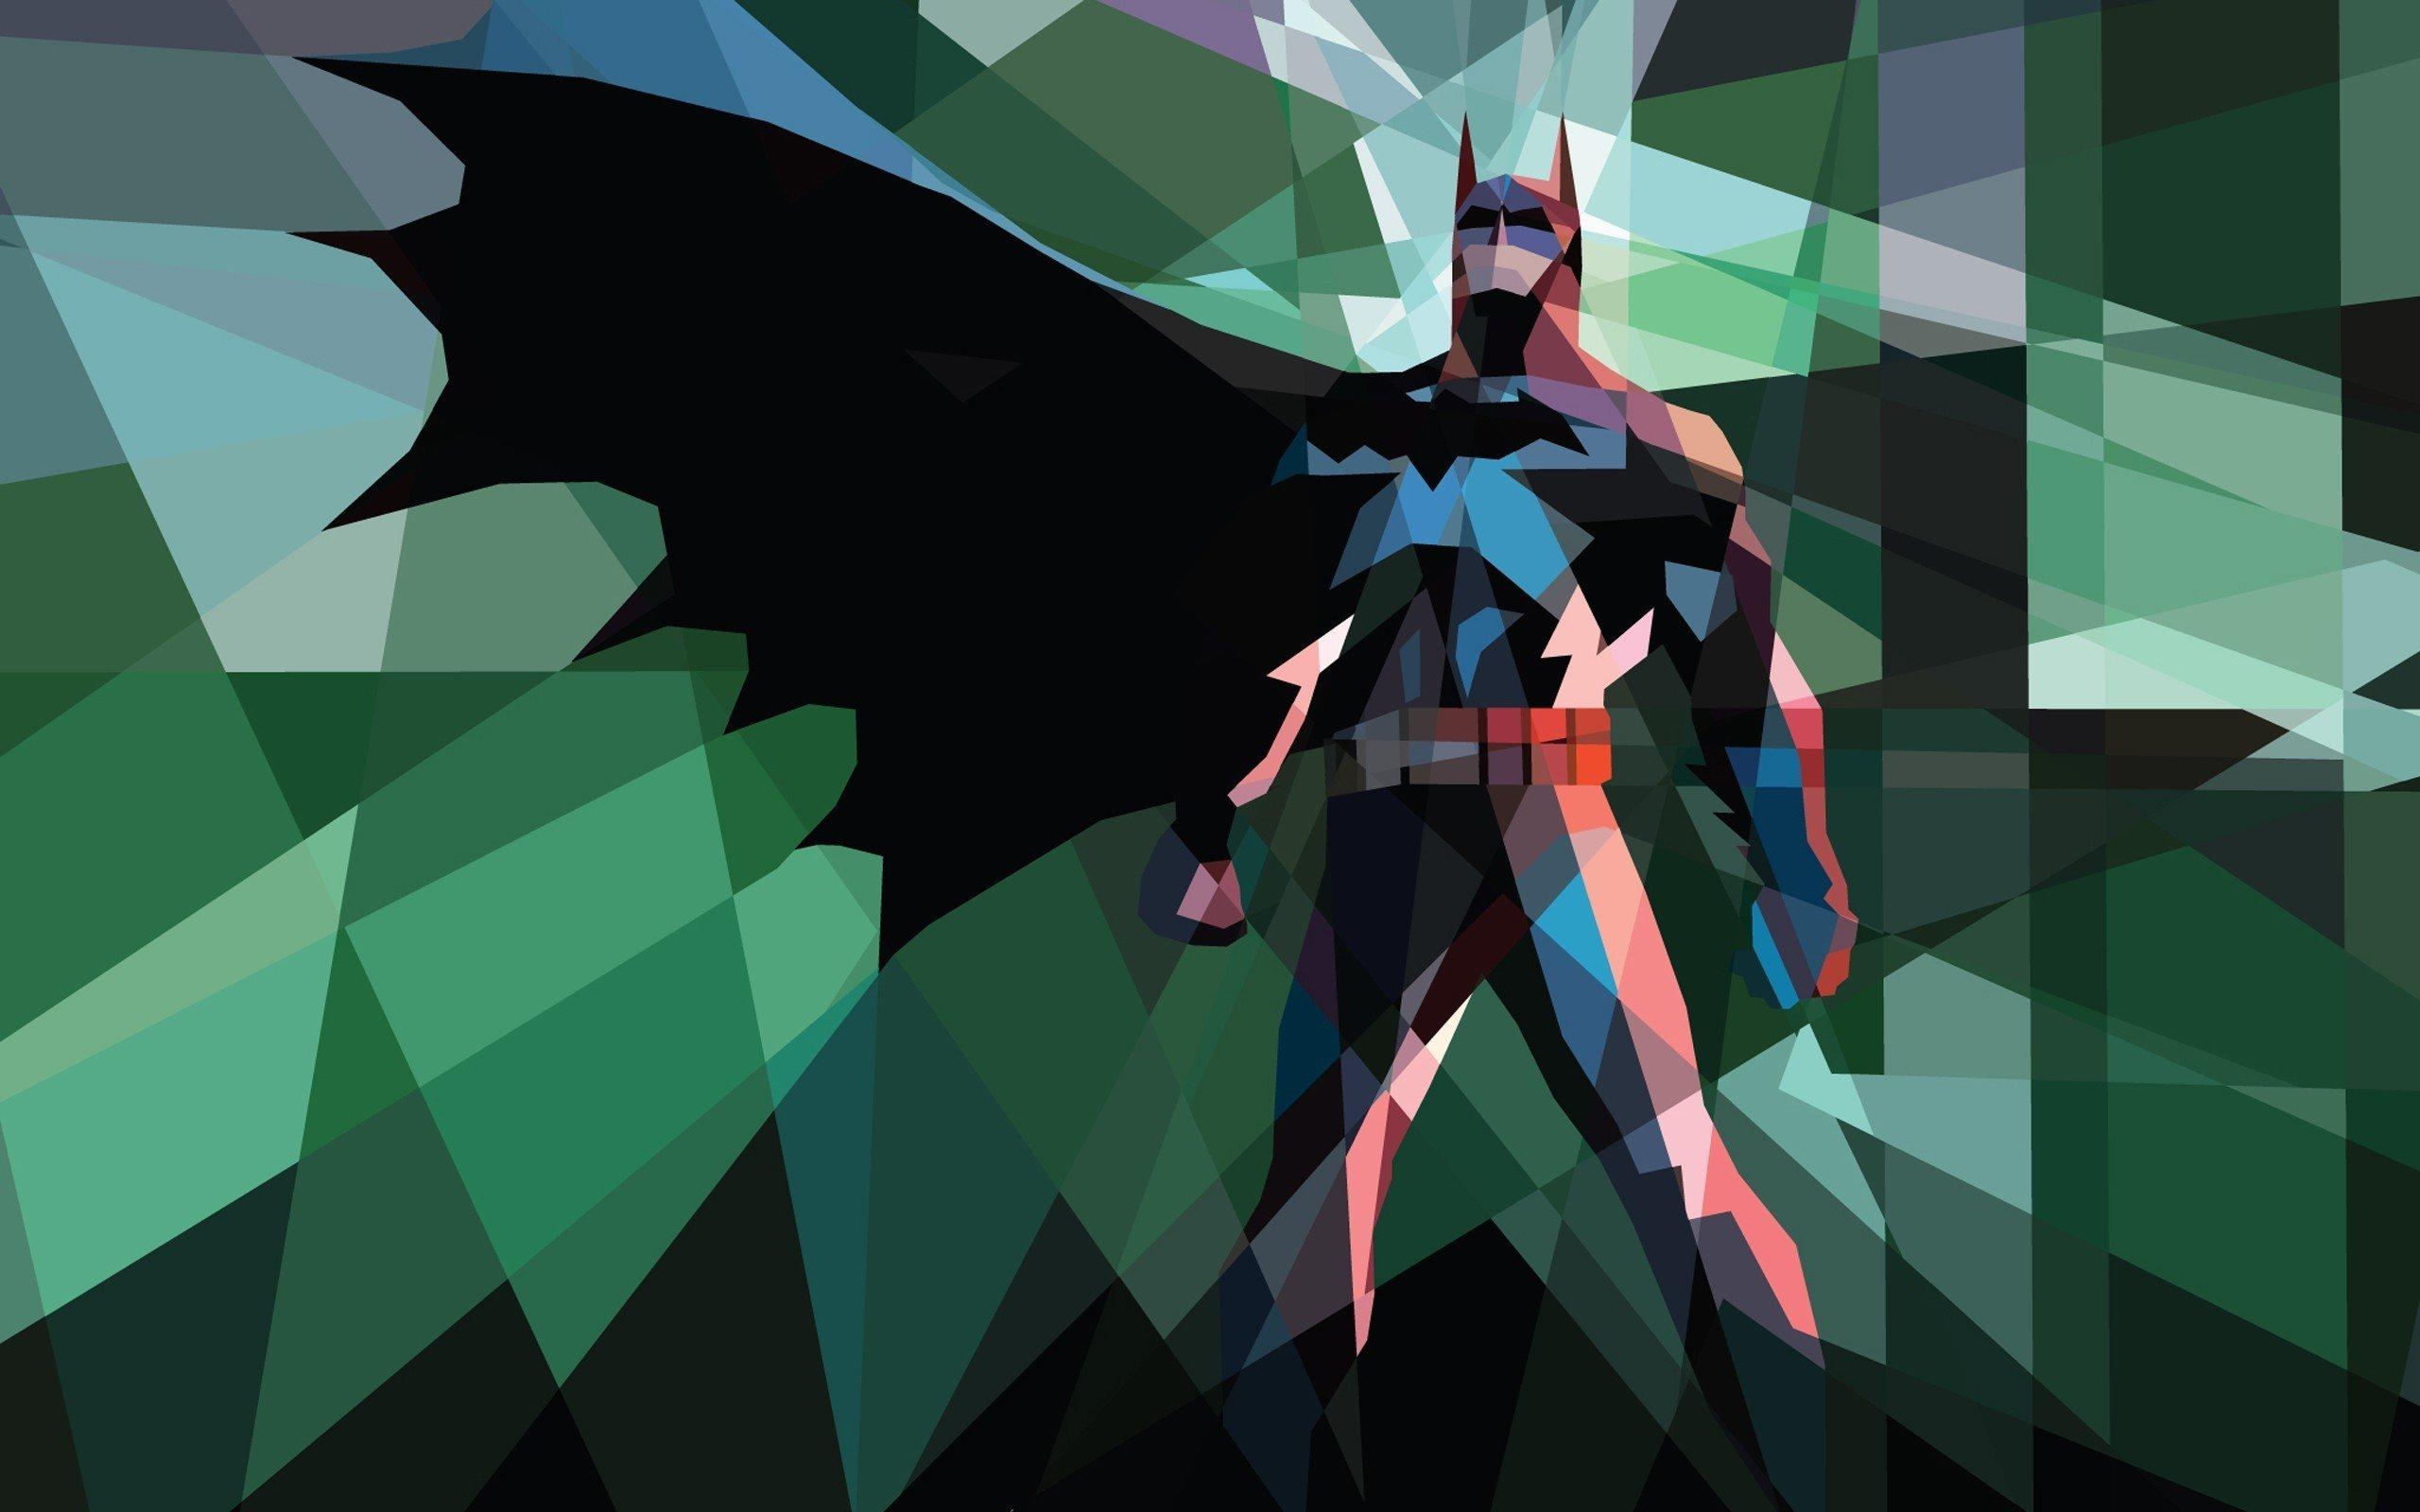 Polygon Batman wallpaper 15388 2560x1600